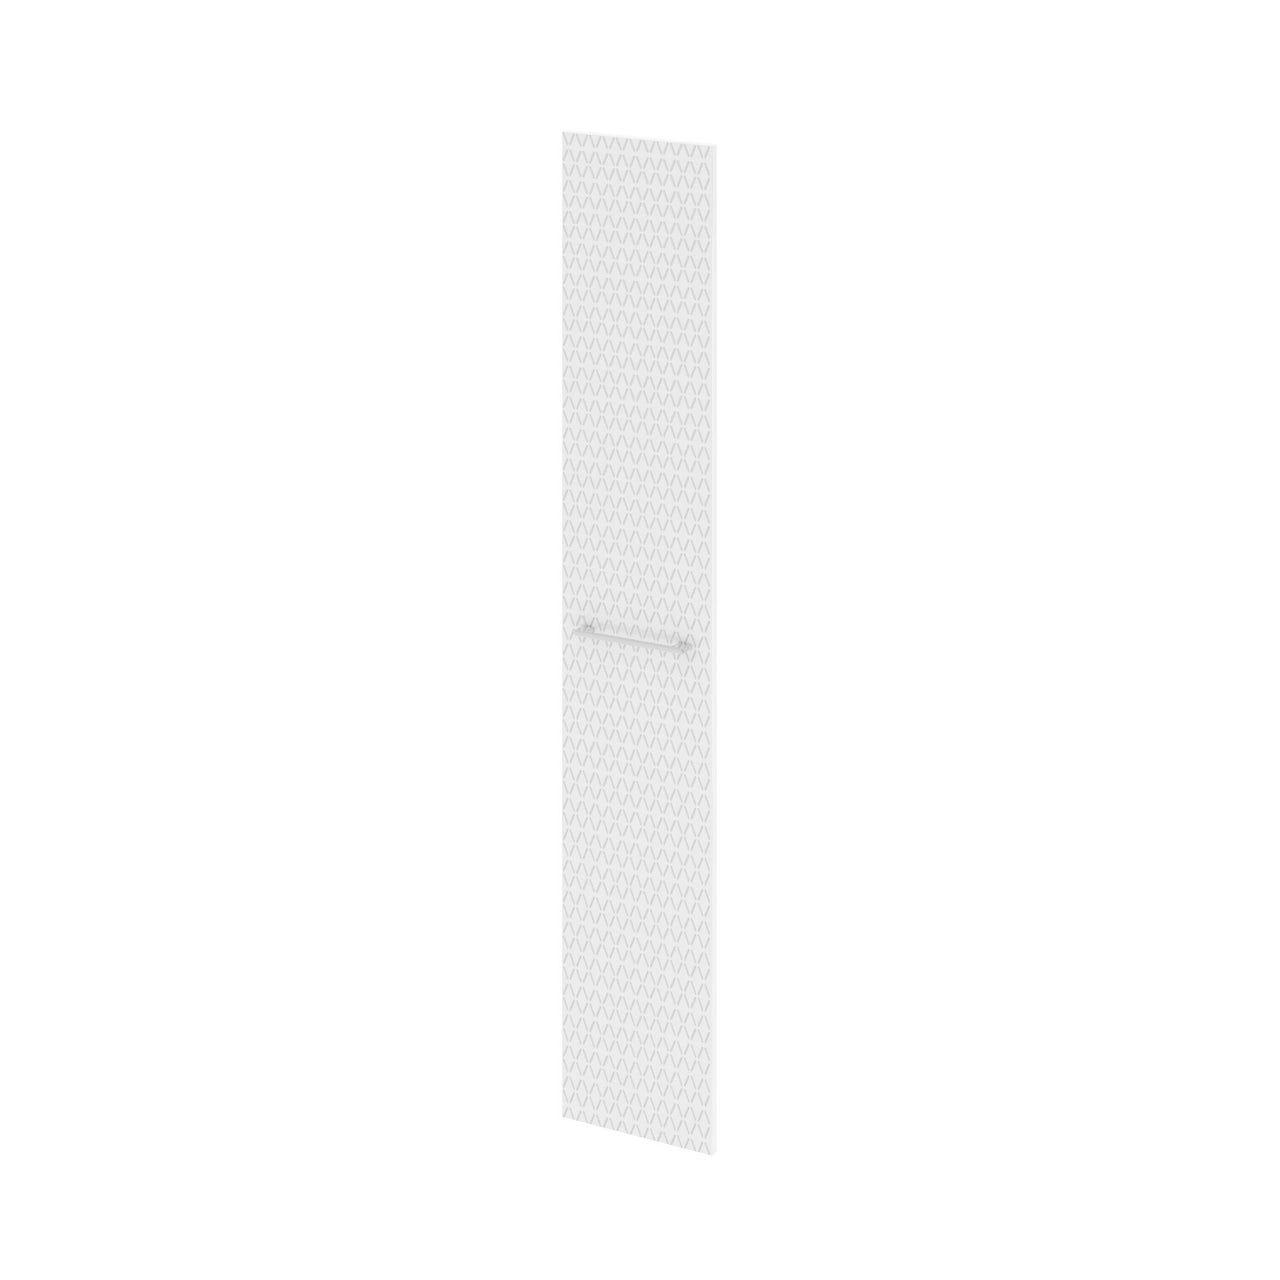 Colonne De Salle De Bains L 30 X H 173 X P 15 8 Cm Blanc 3d Remix En 2020 Blanc Portes Salle De Bain